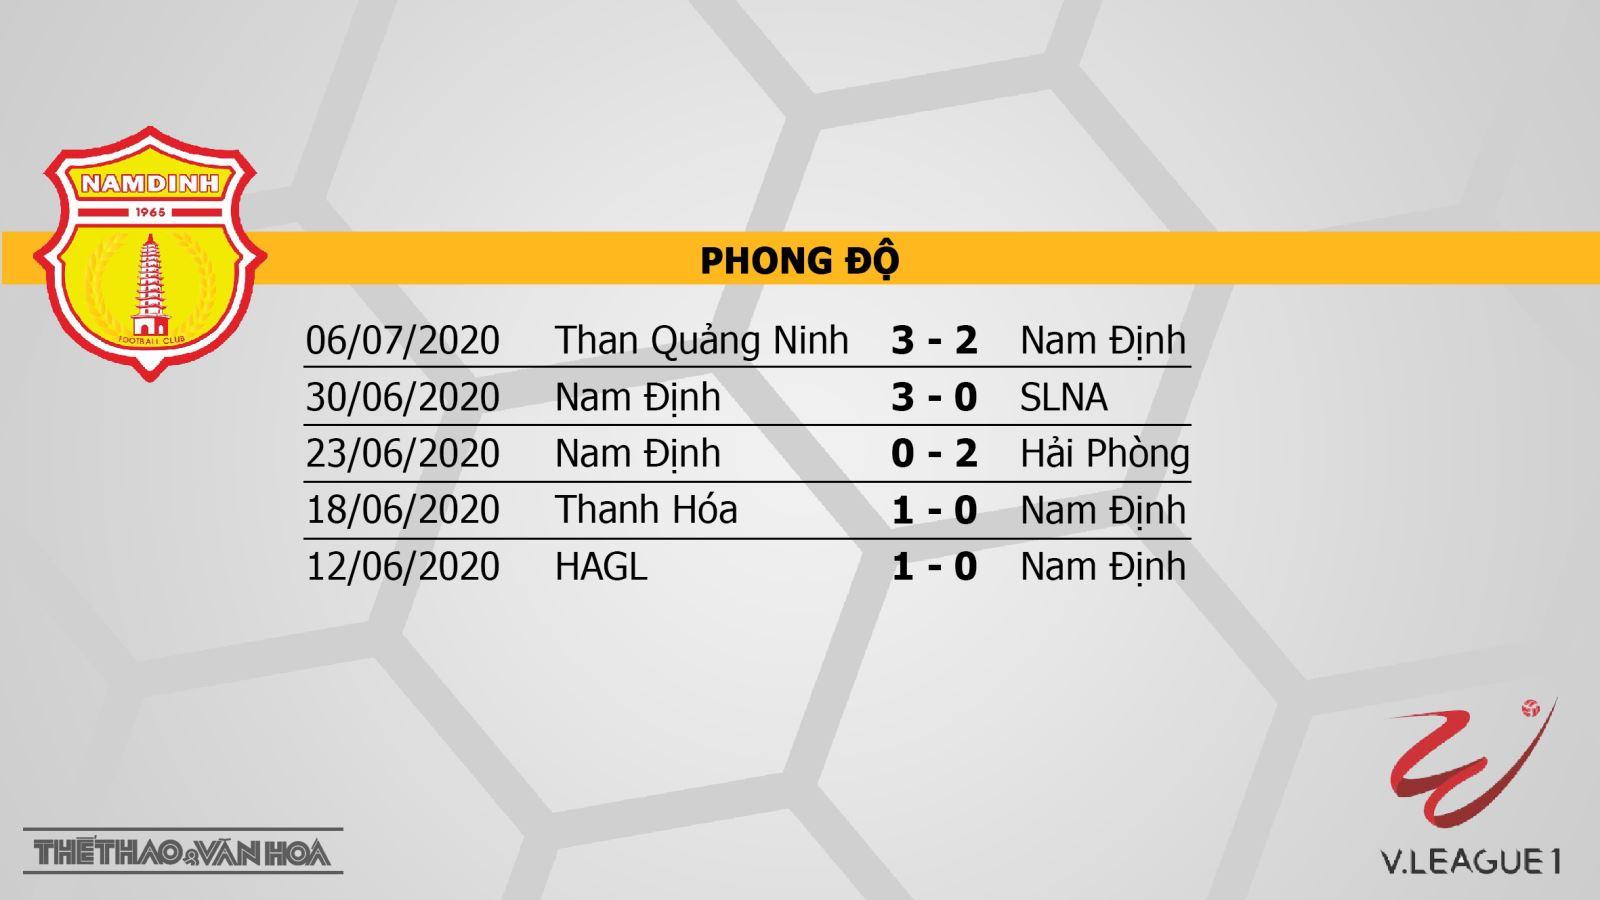 Nam Định vs Quảng Nam, Nam Định, Quảng Nam, soi kèo, kèo bóng đá, trực tiếp Nam Định đấu với Quảng Nam, V-League